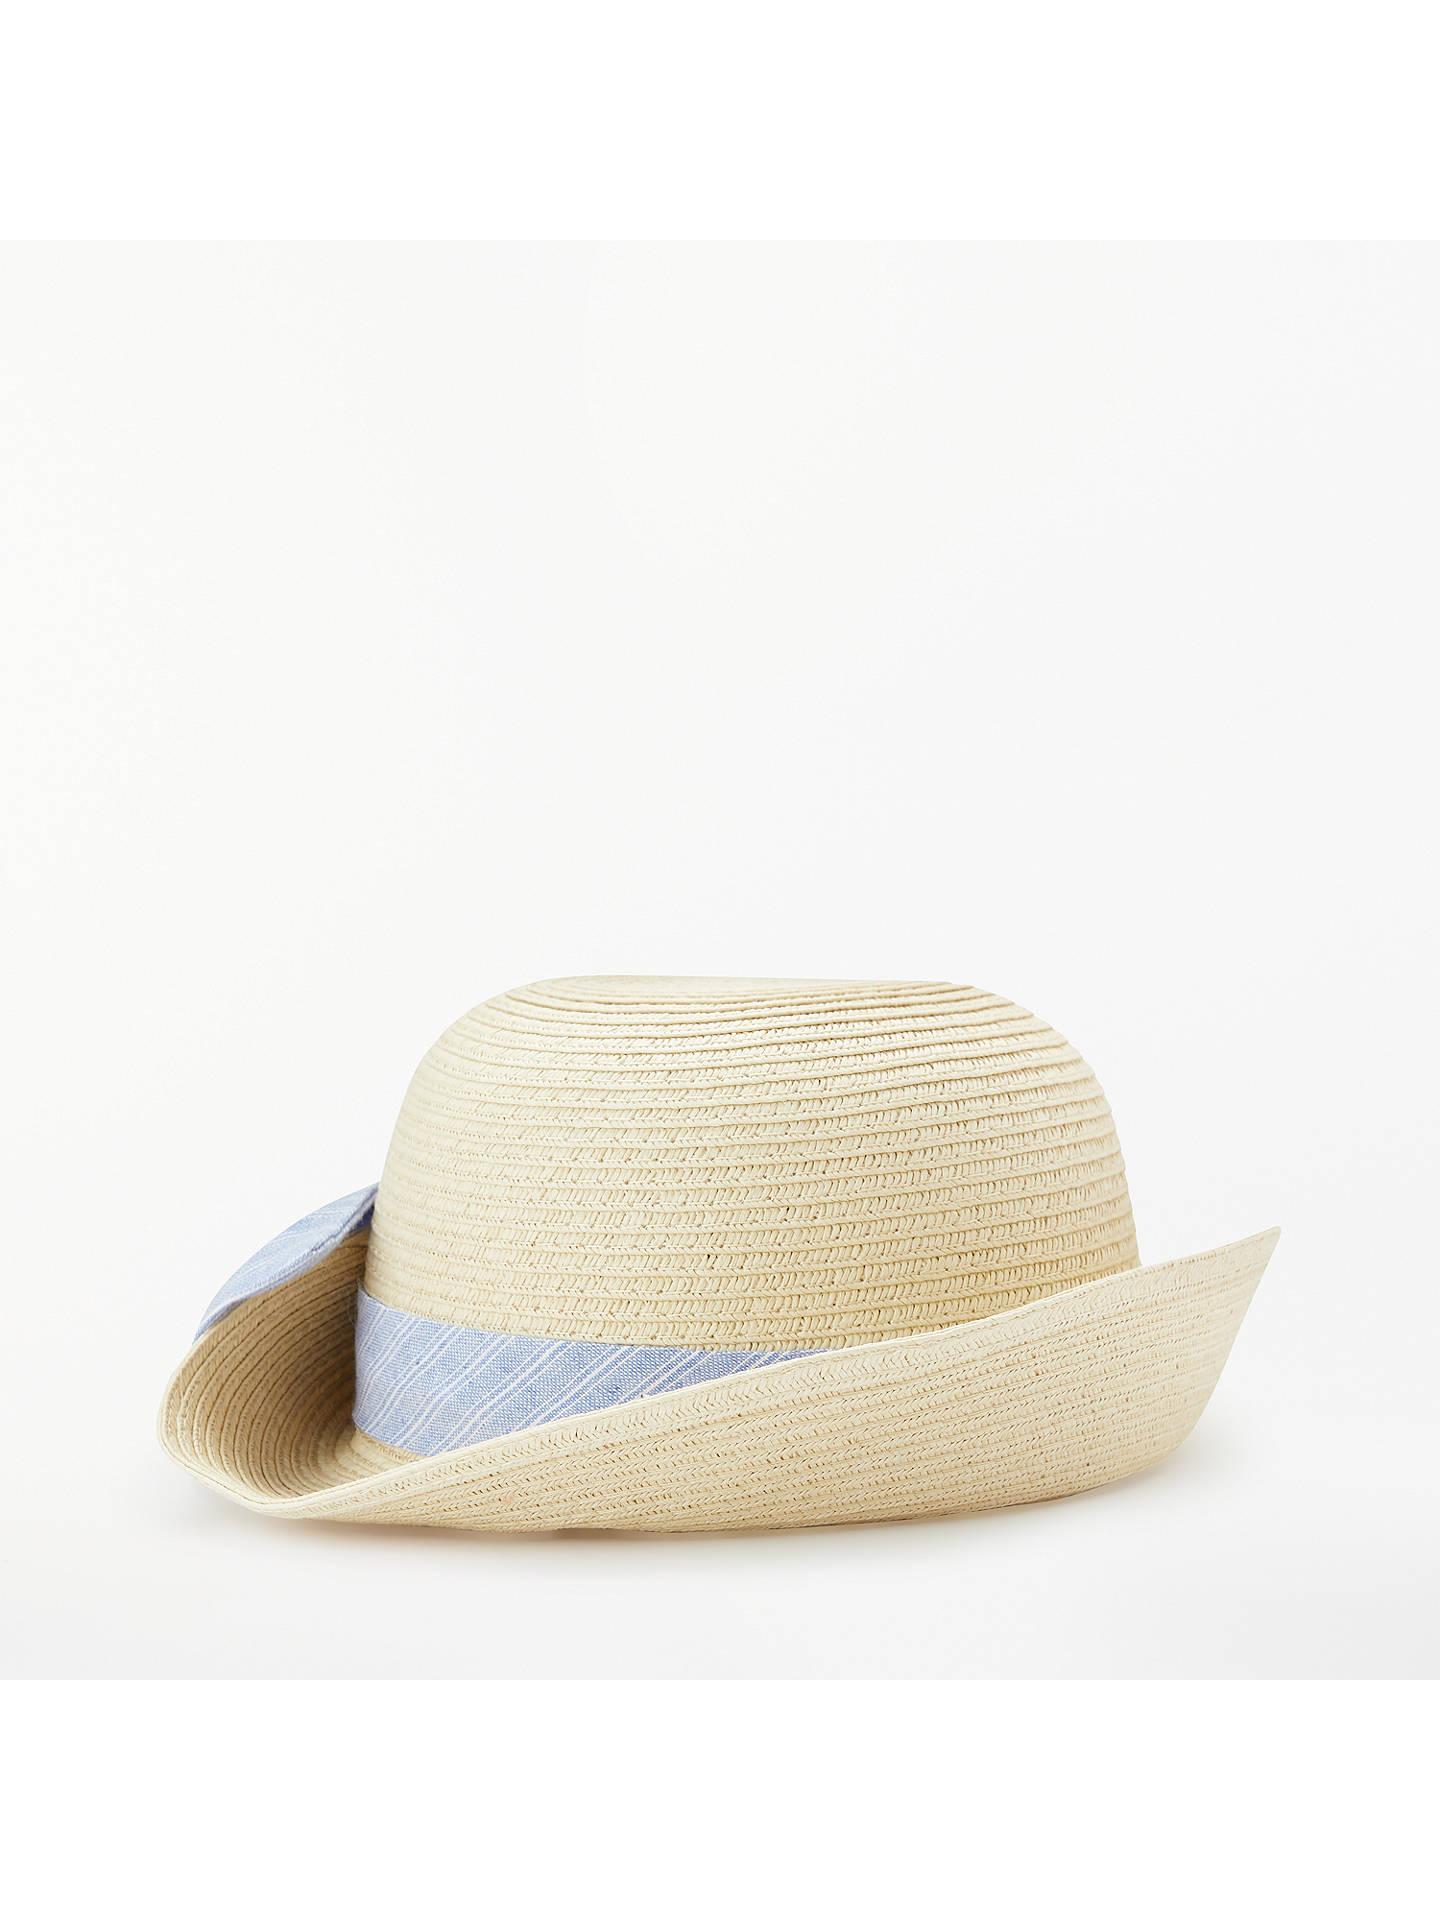 BuyJohn Lewis Baby Straw Hat c4d420c0ac3